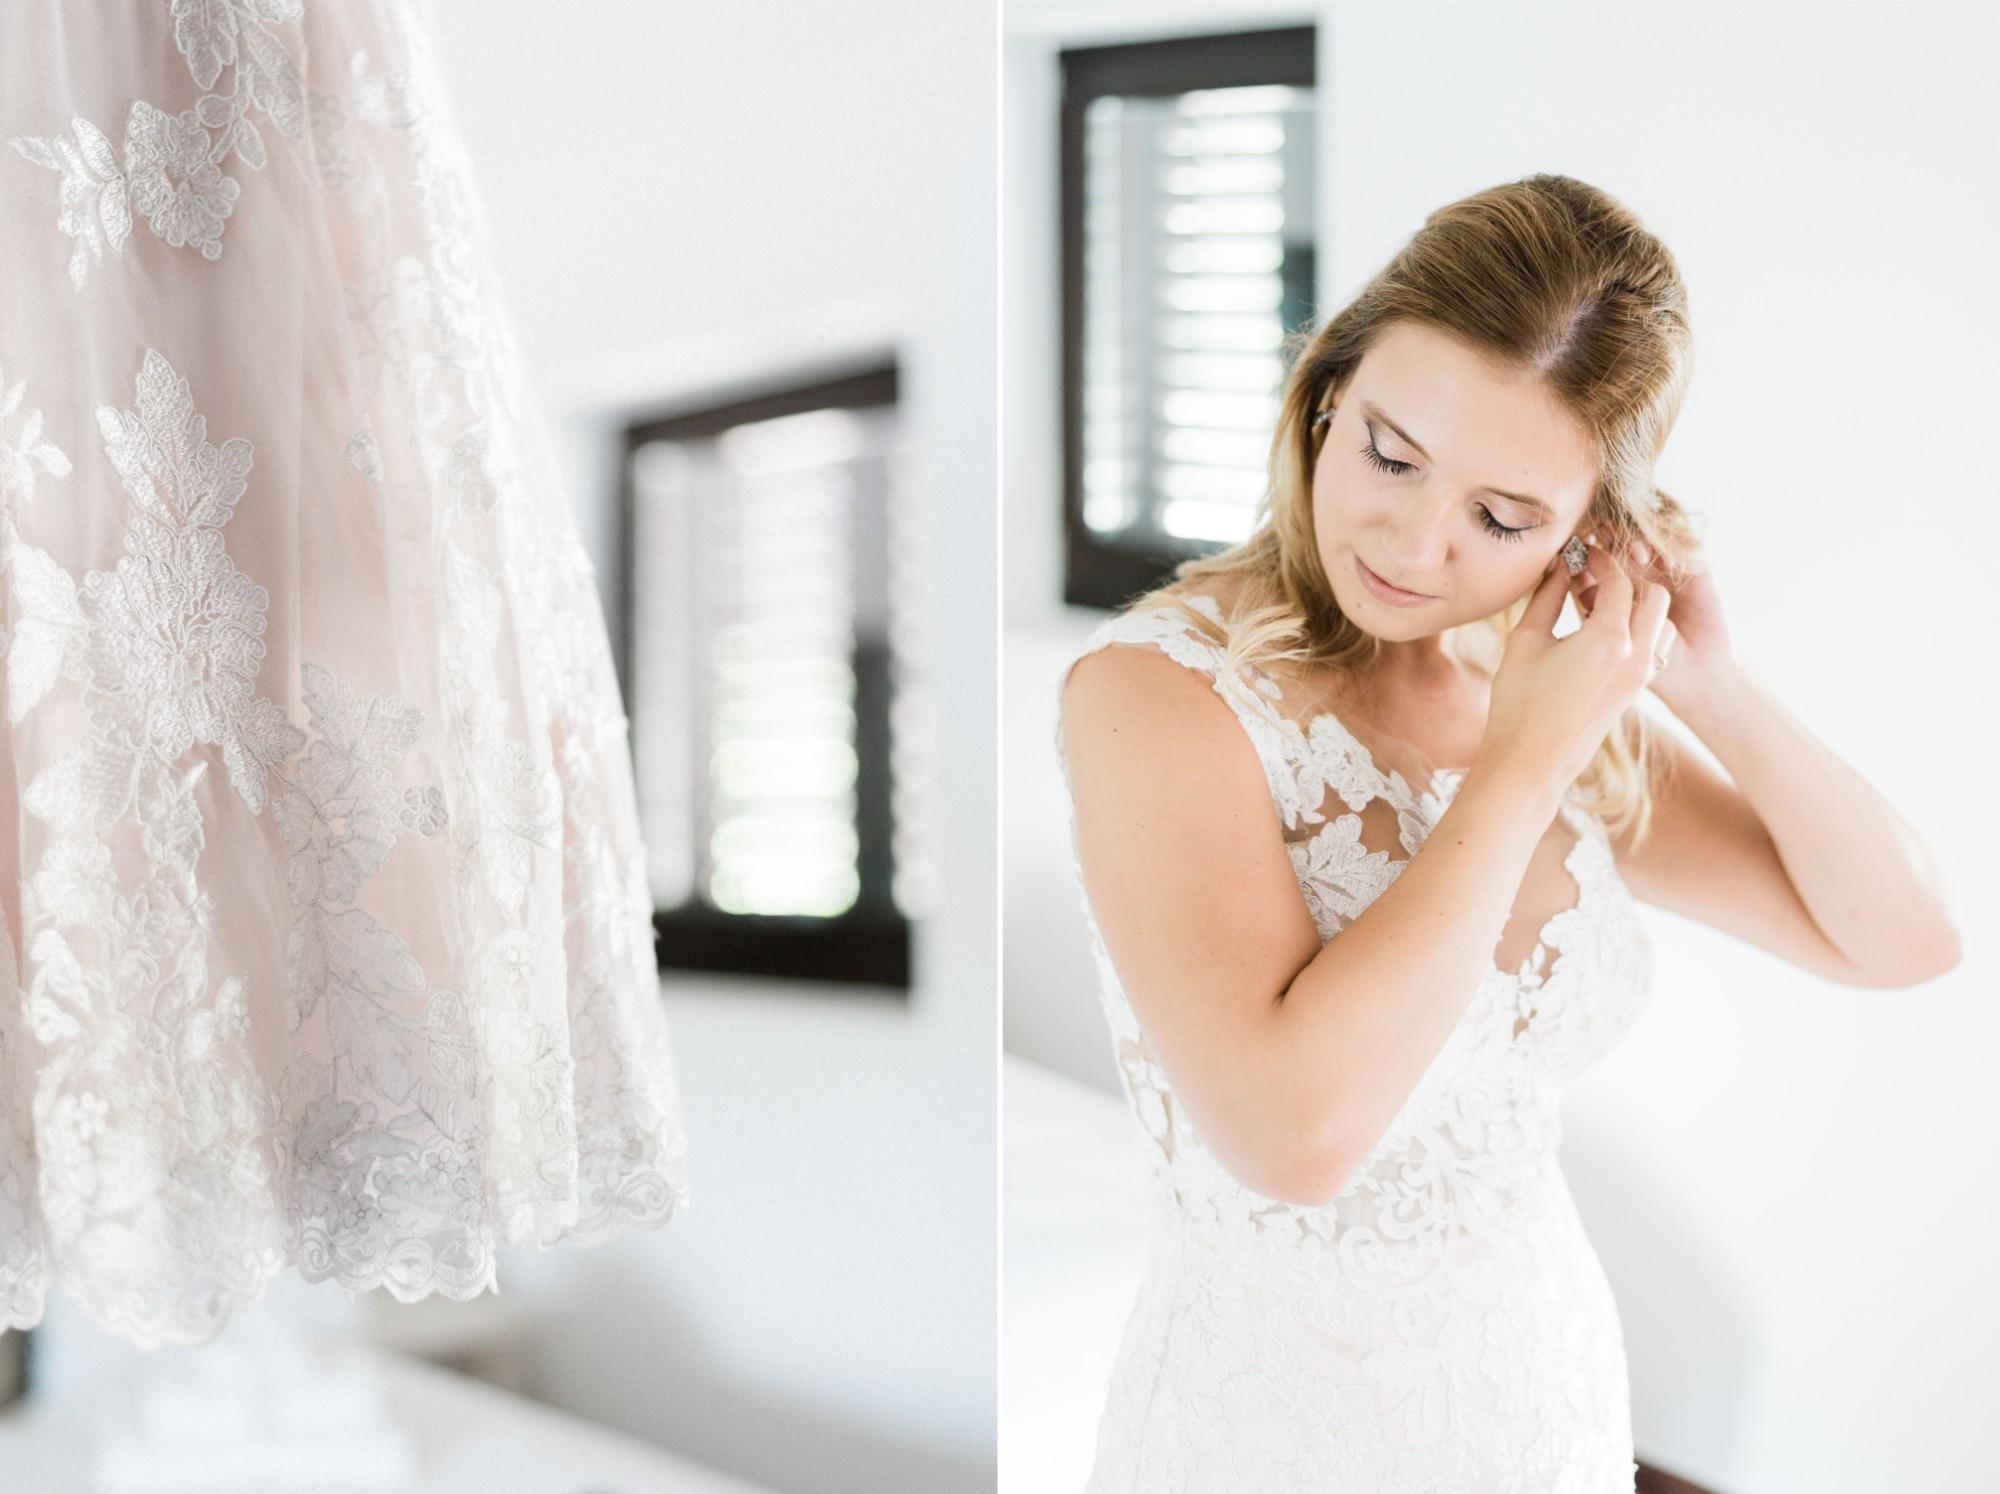 eskuvo keszulodes menyasszonyi ruha.jpg